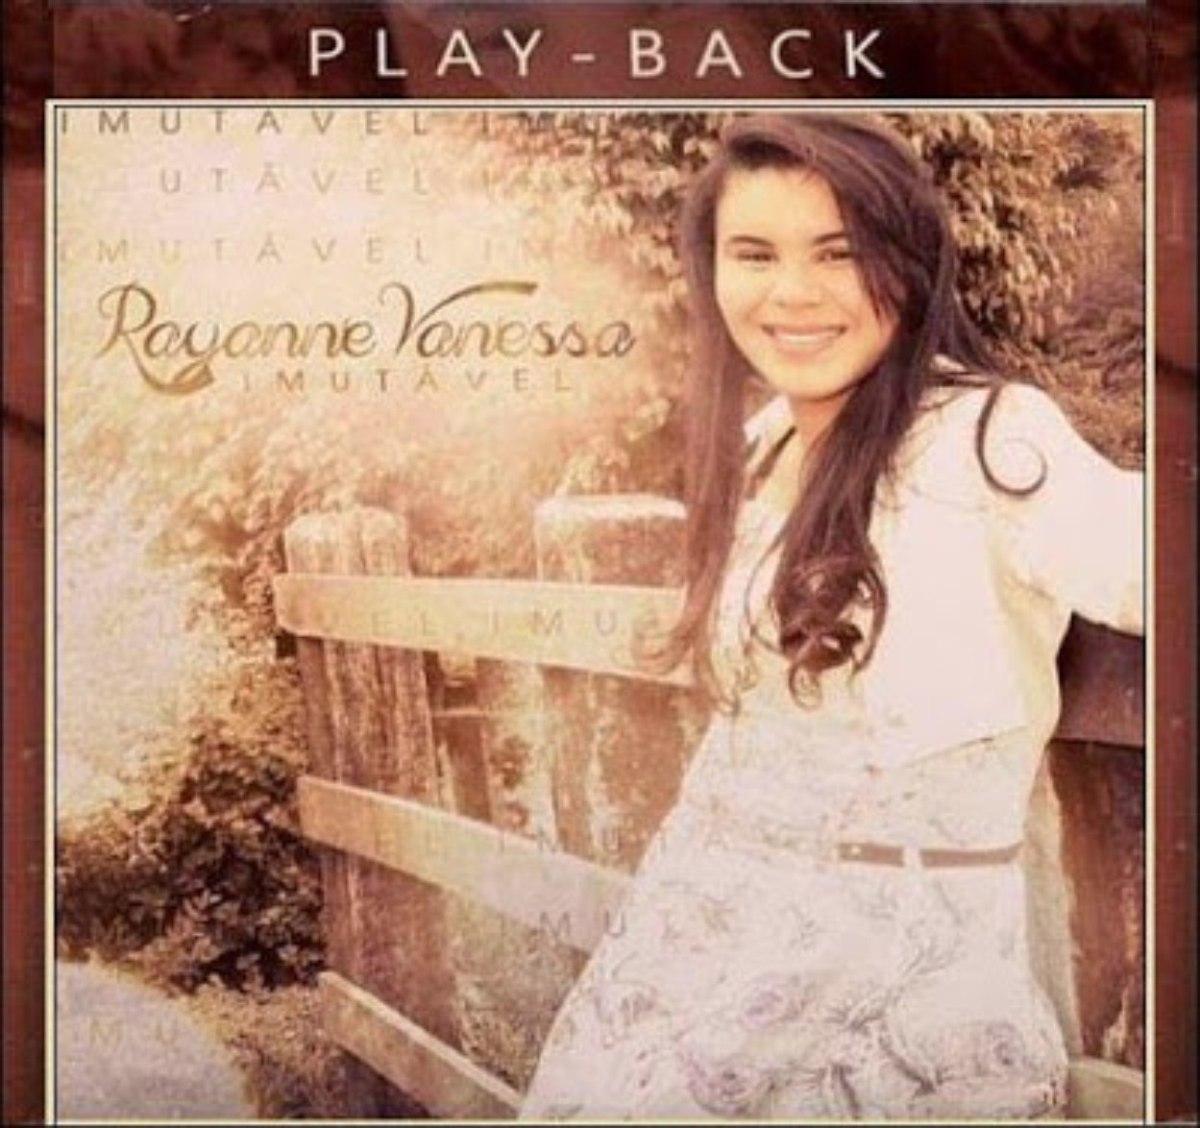 cd de rayanne vanessa uma nova pagina playback